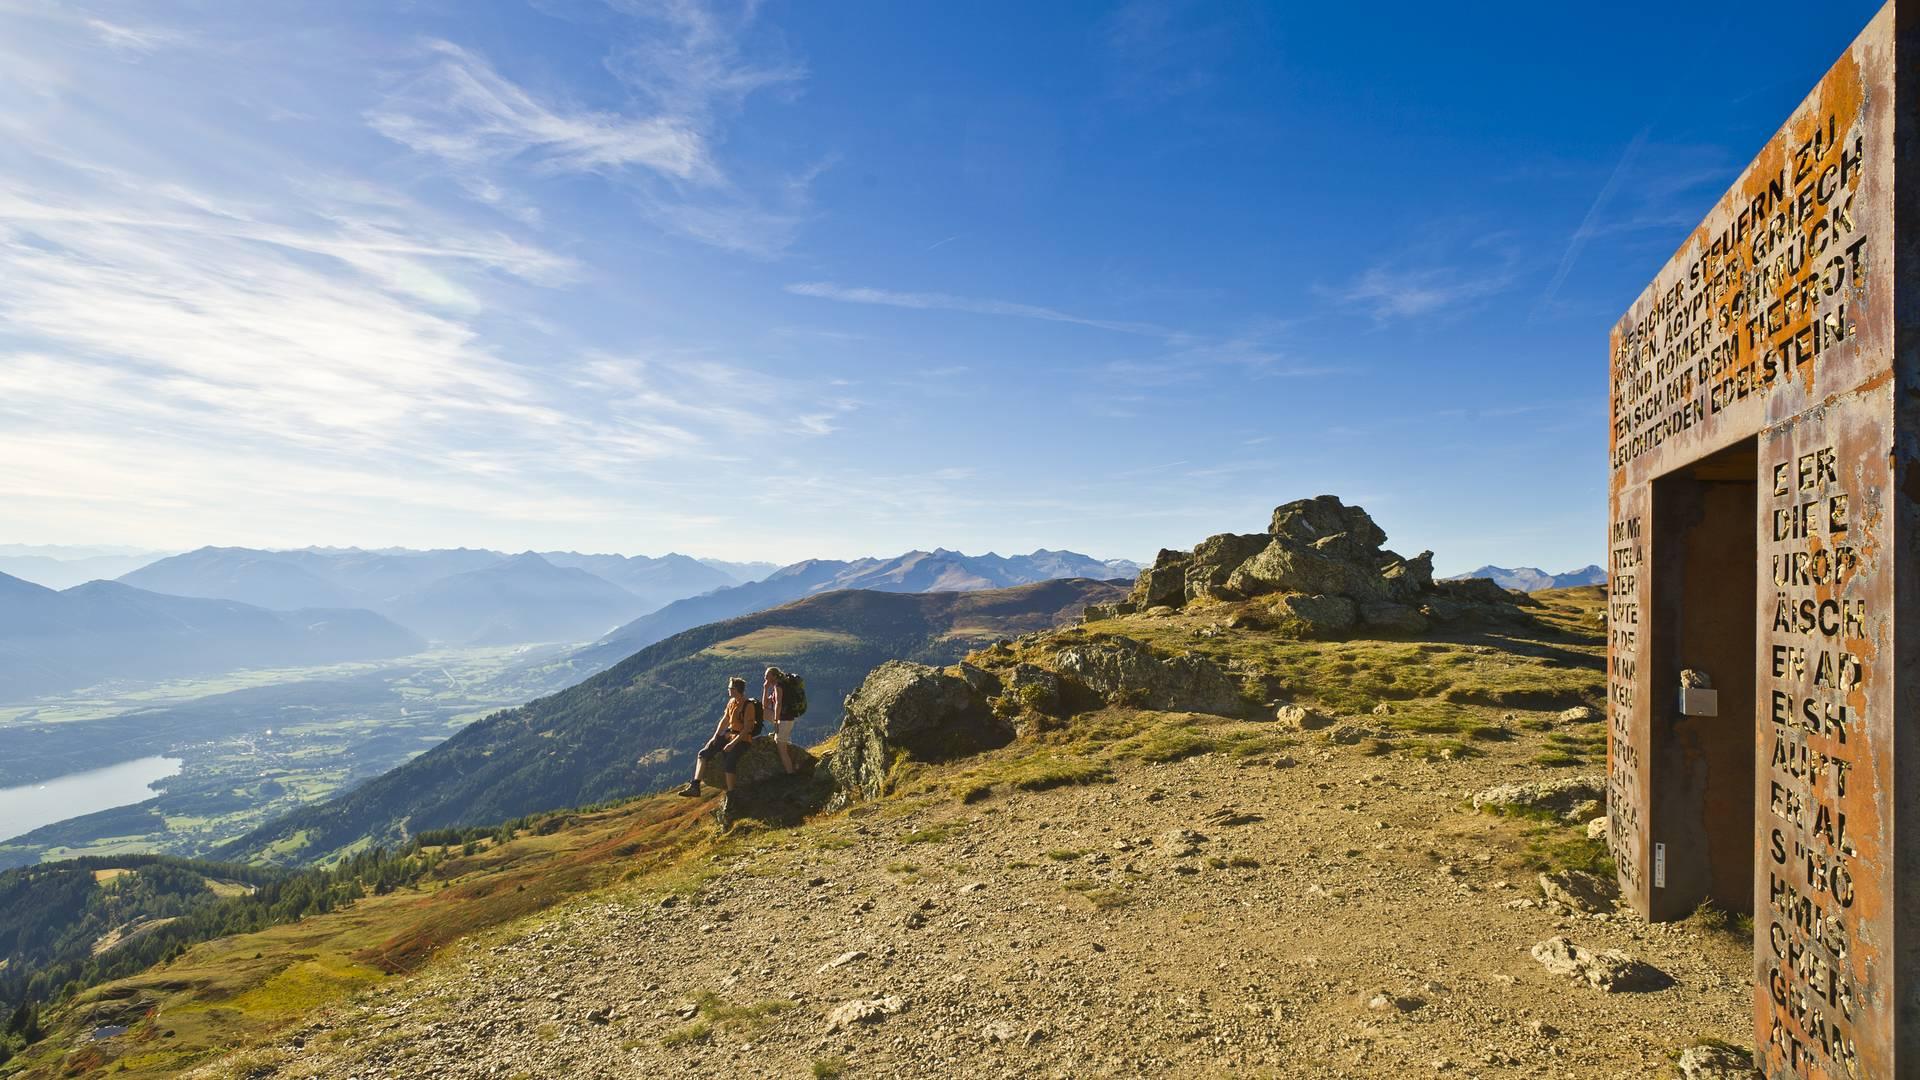 Granattor auf der Millstätter Alpe. Dem größten alpinen Granatvorkommen gewidmet. Herrlicher Ausblick auf den Millstätter See.